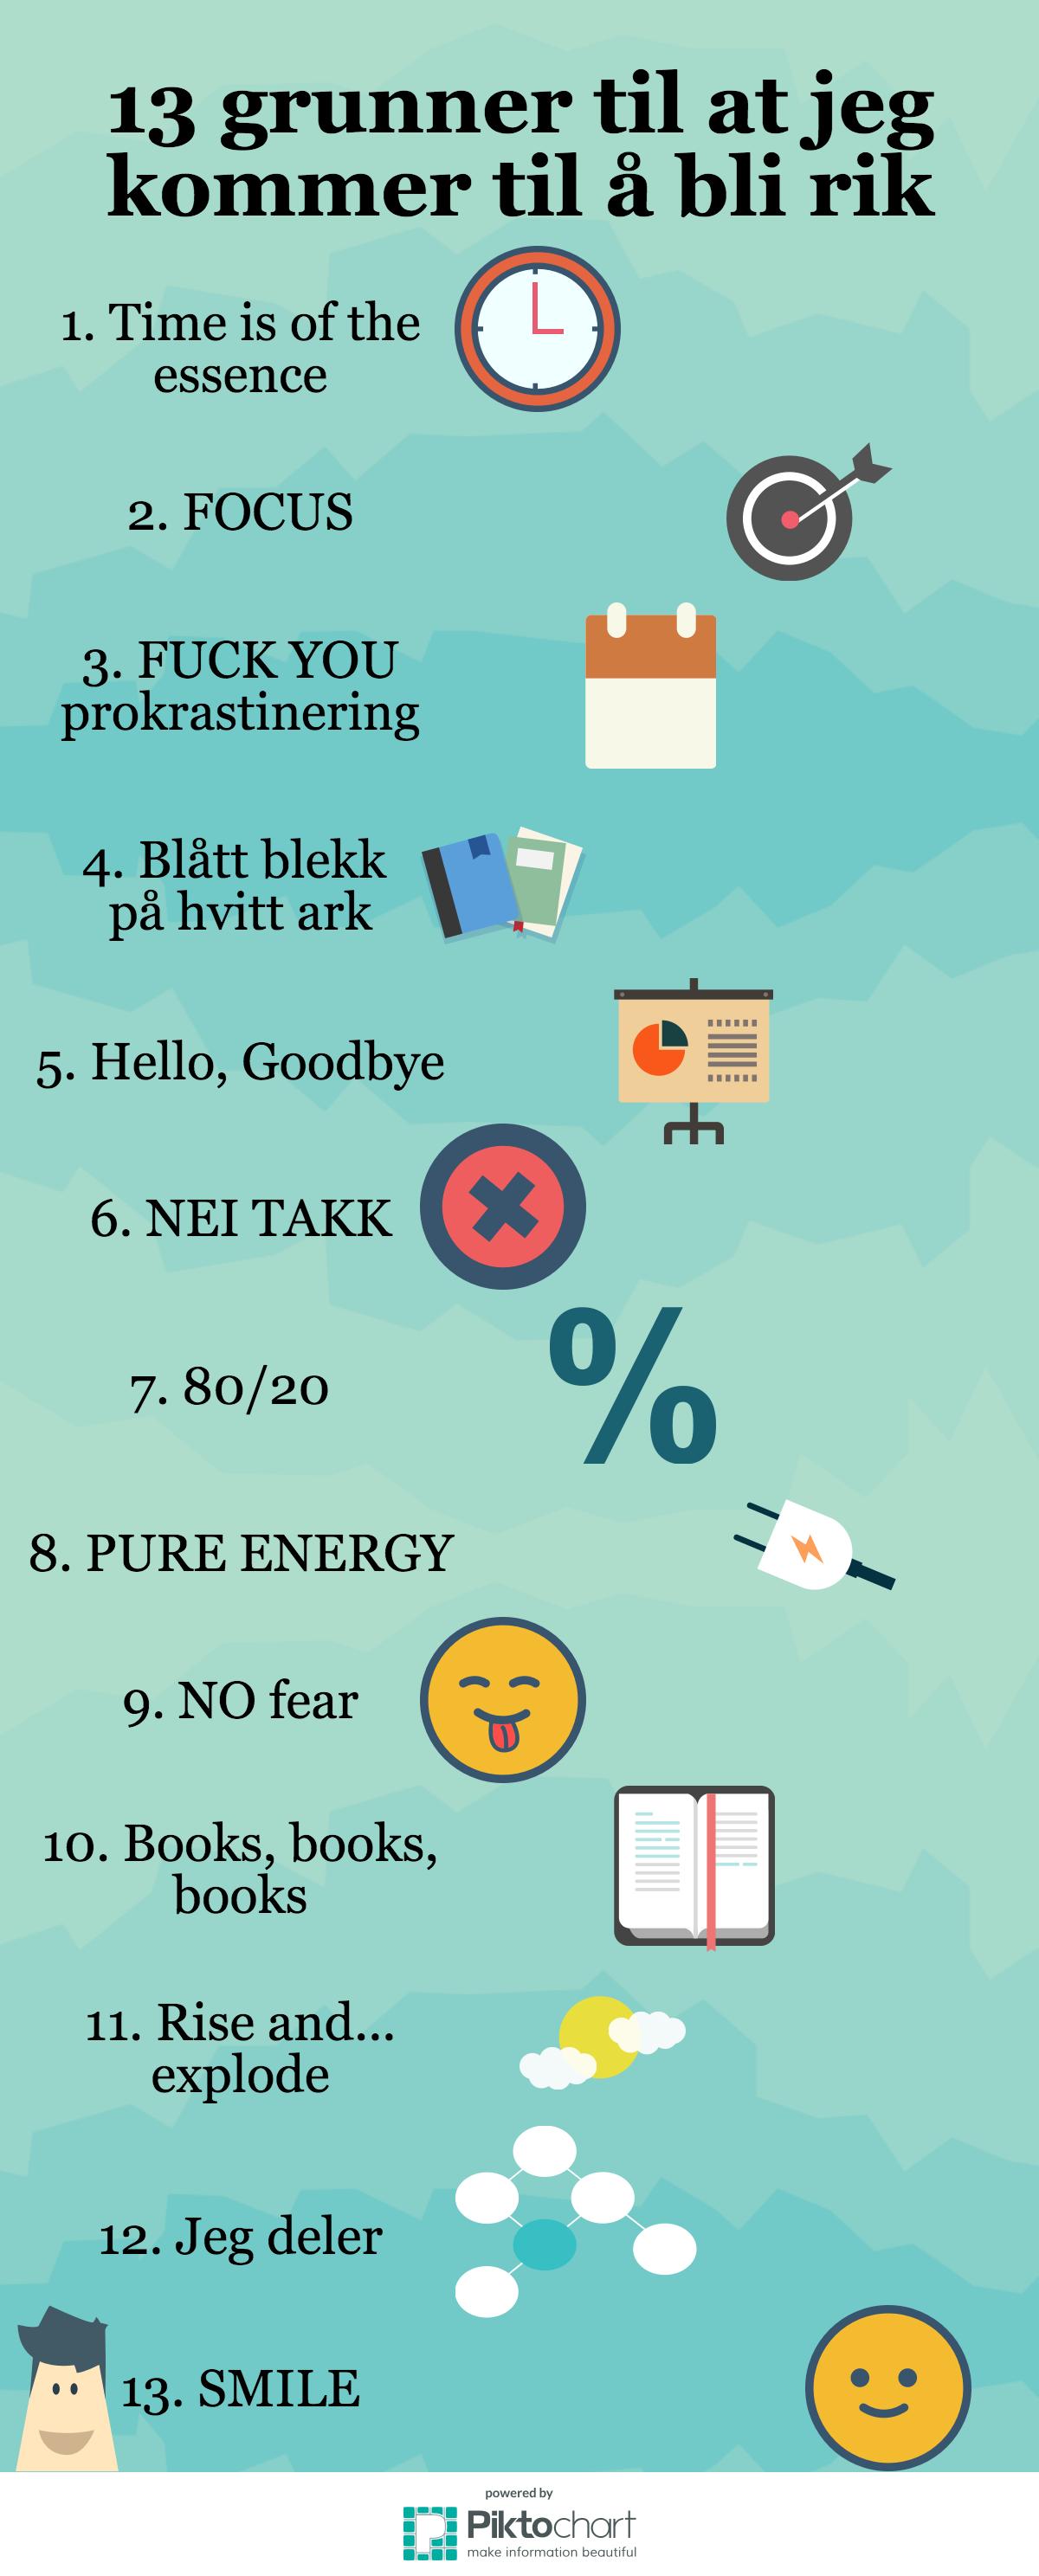 13 grunner til at jeg kommer til å bli rik